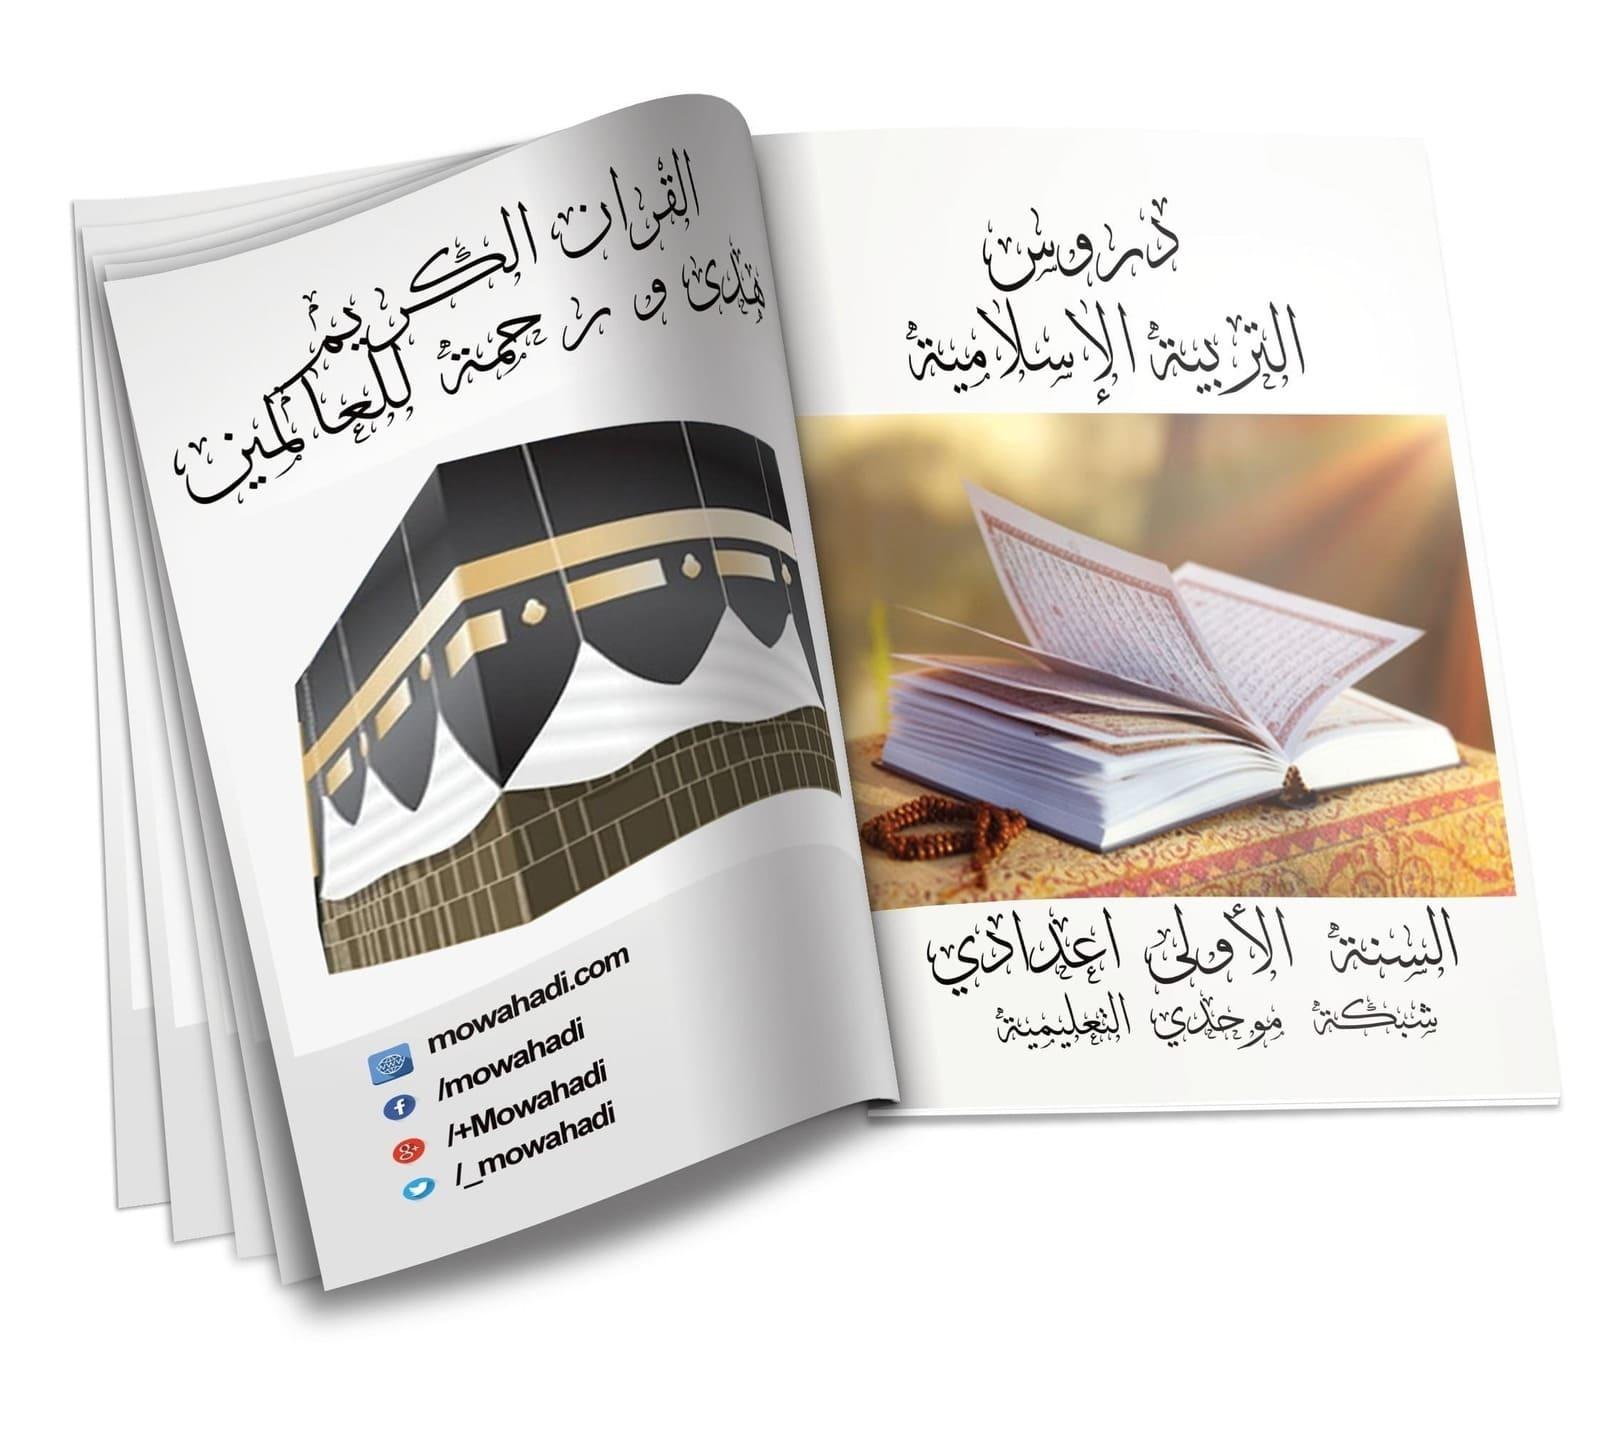 القرآن الكريم هدى و رحمة للعالمين